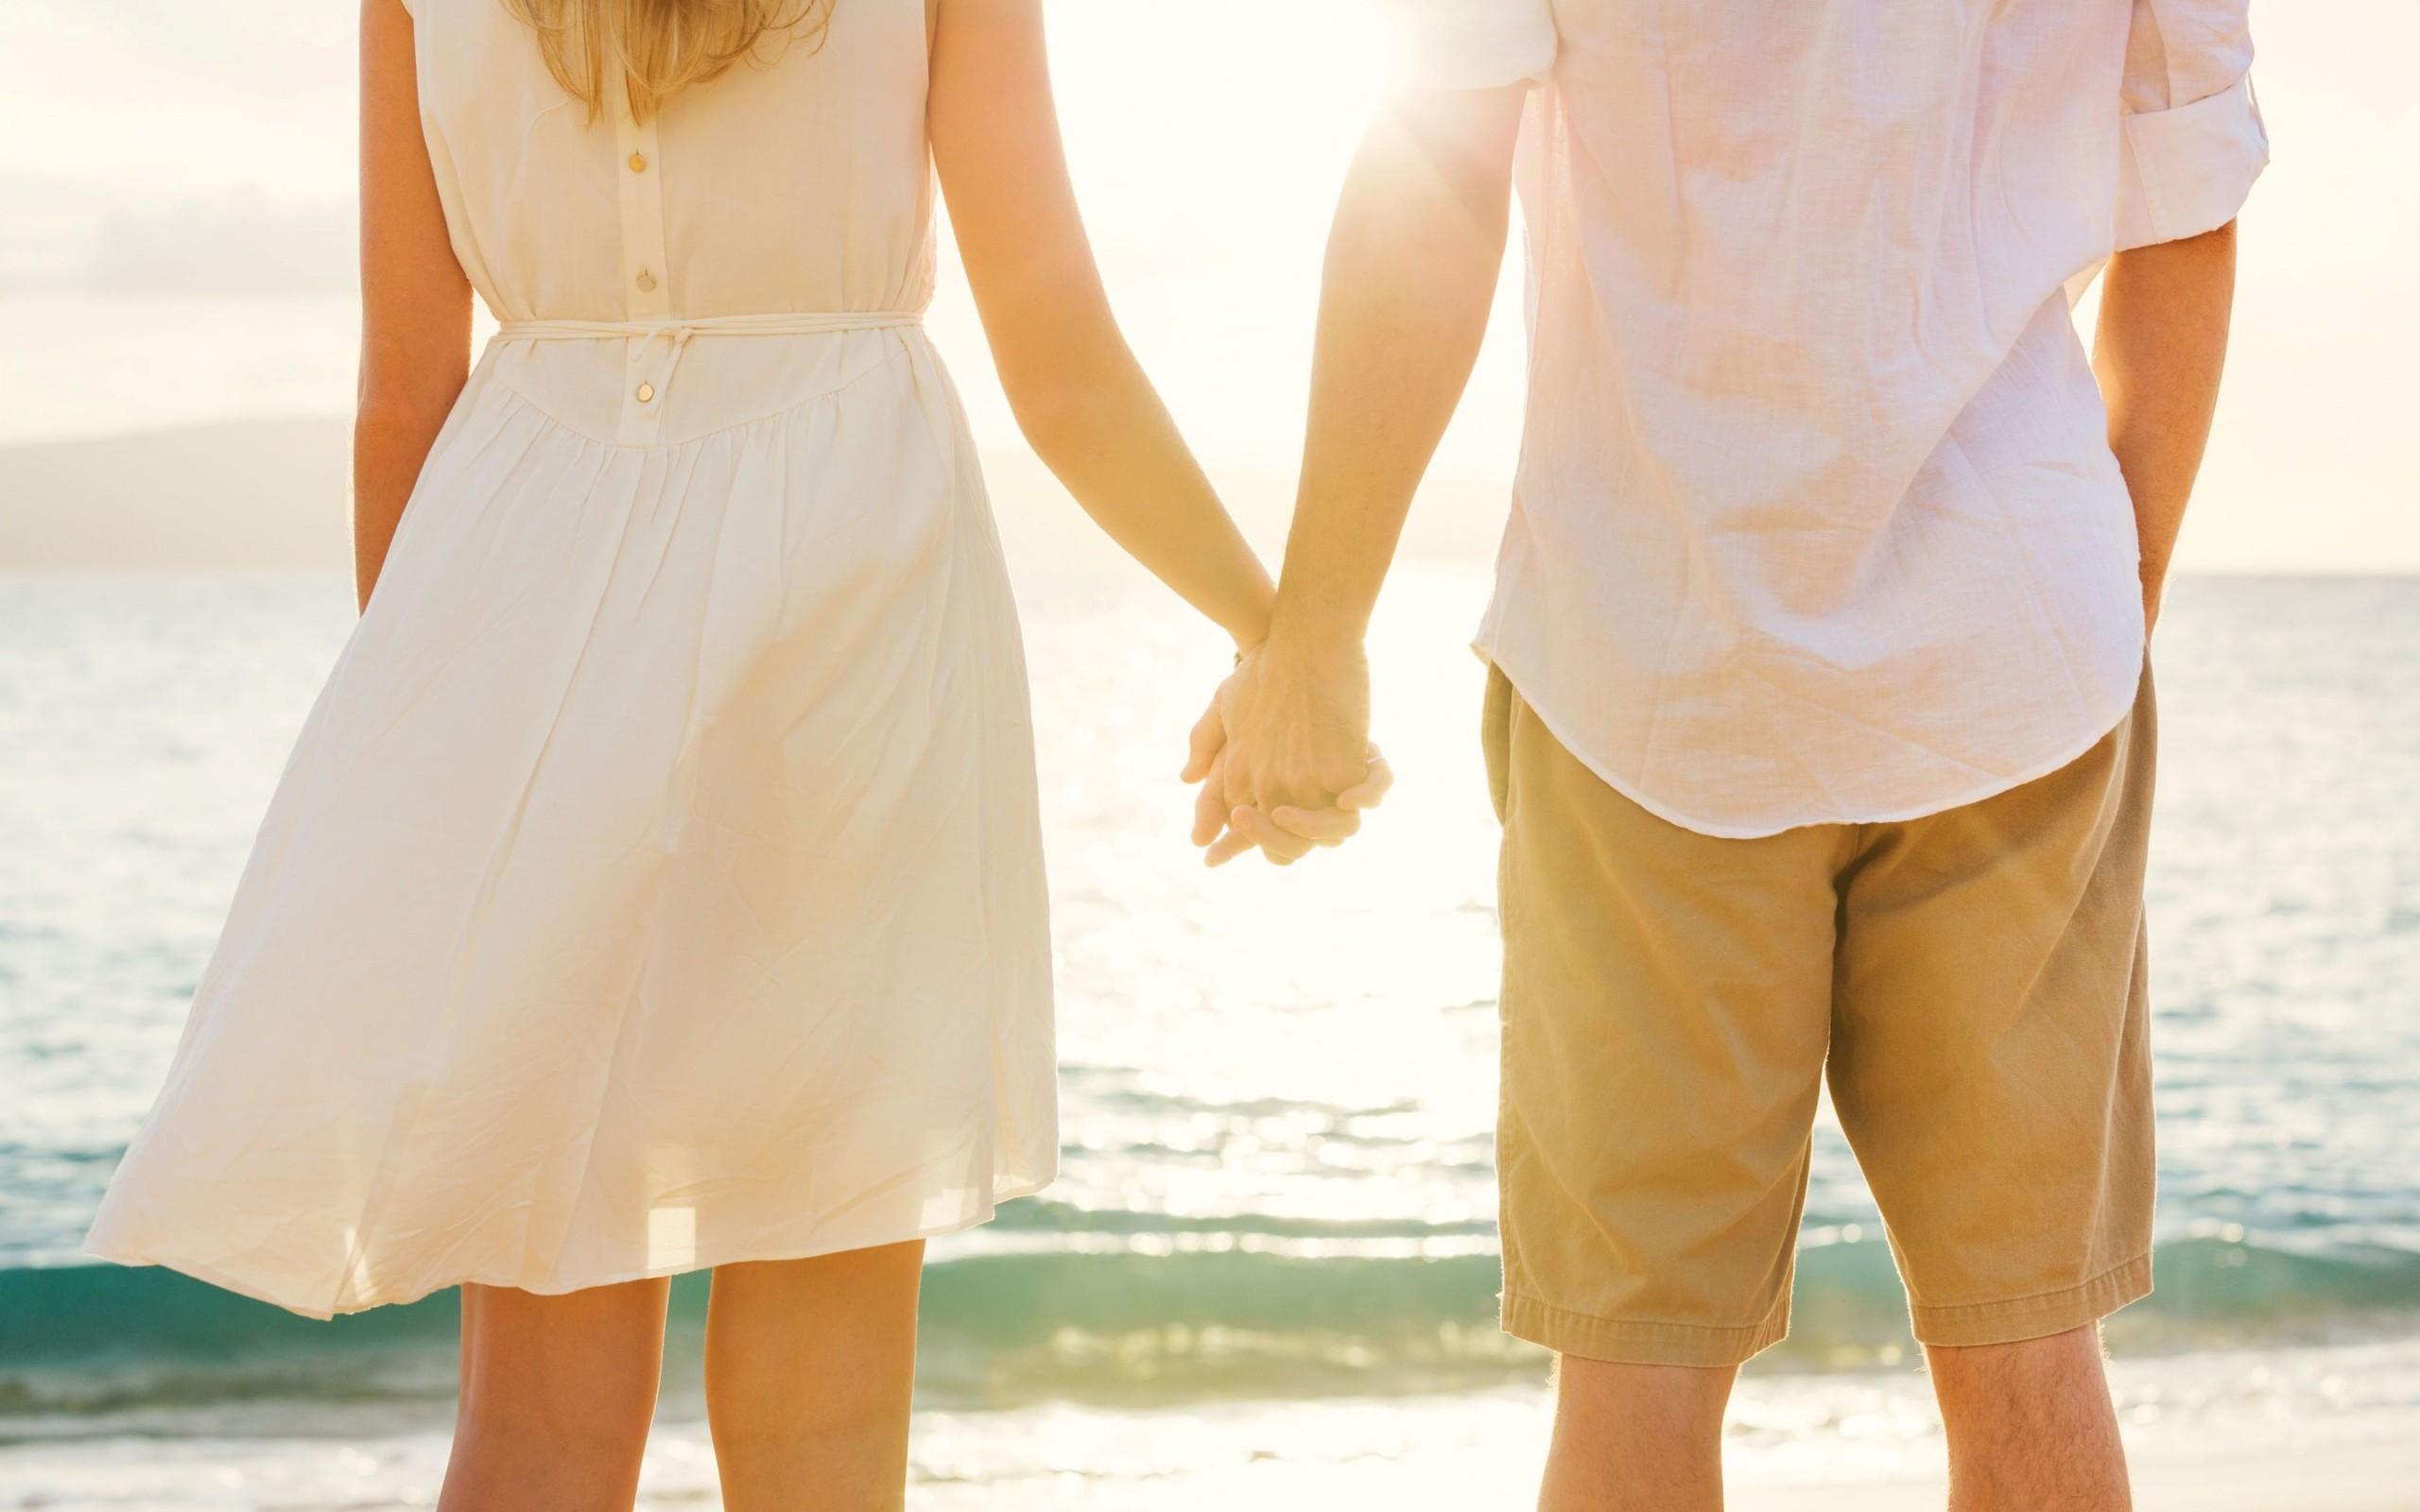 pareja tomada de la mano en la playa vestidos de blanco